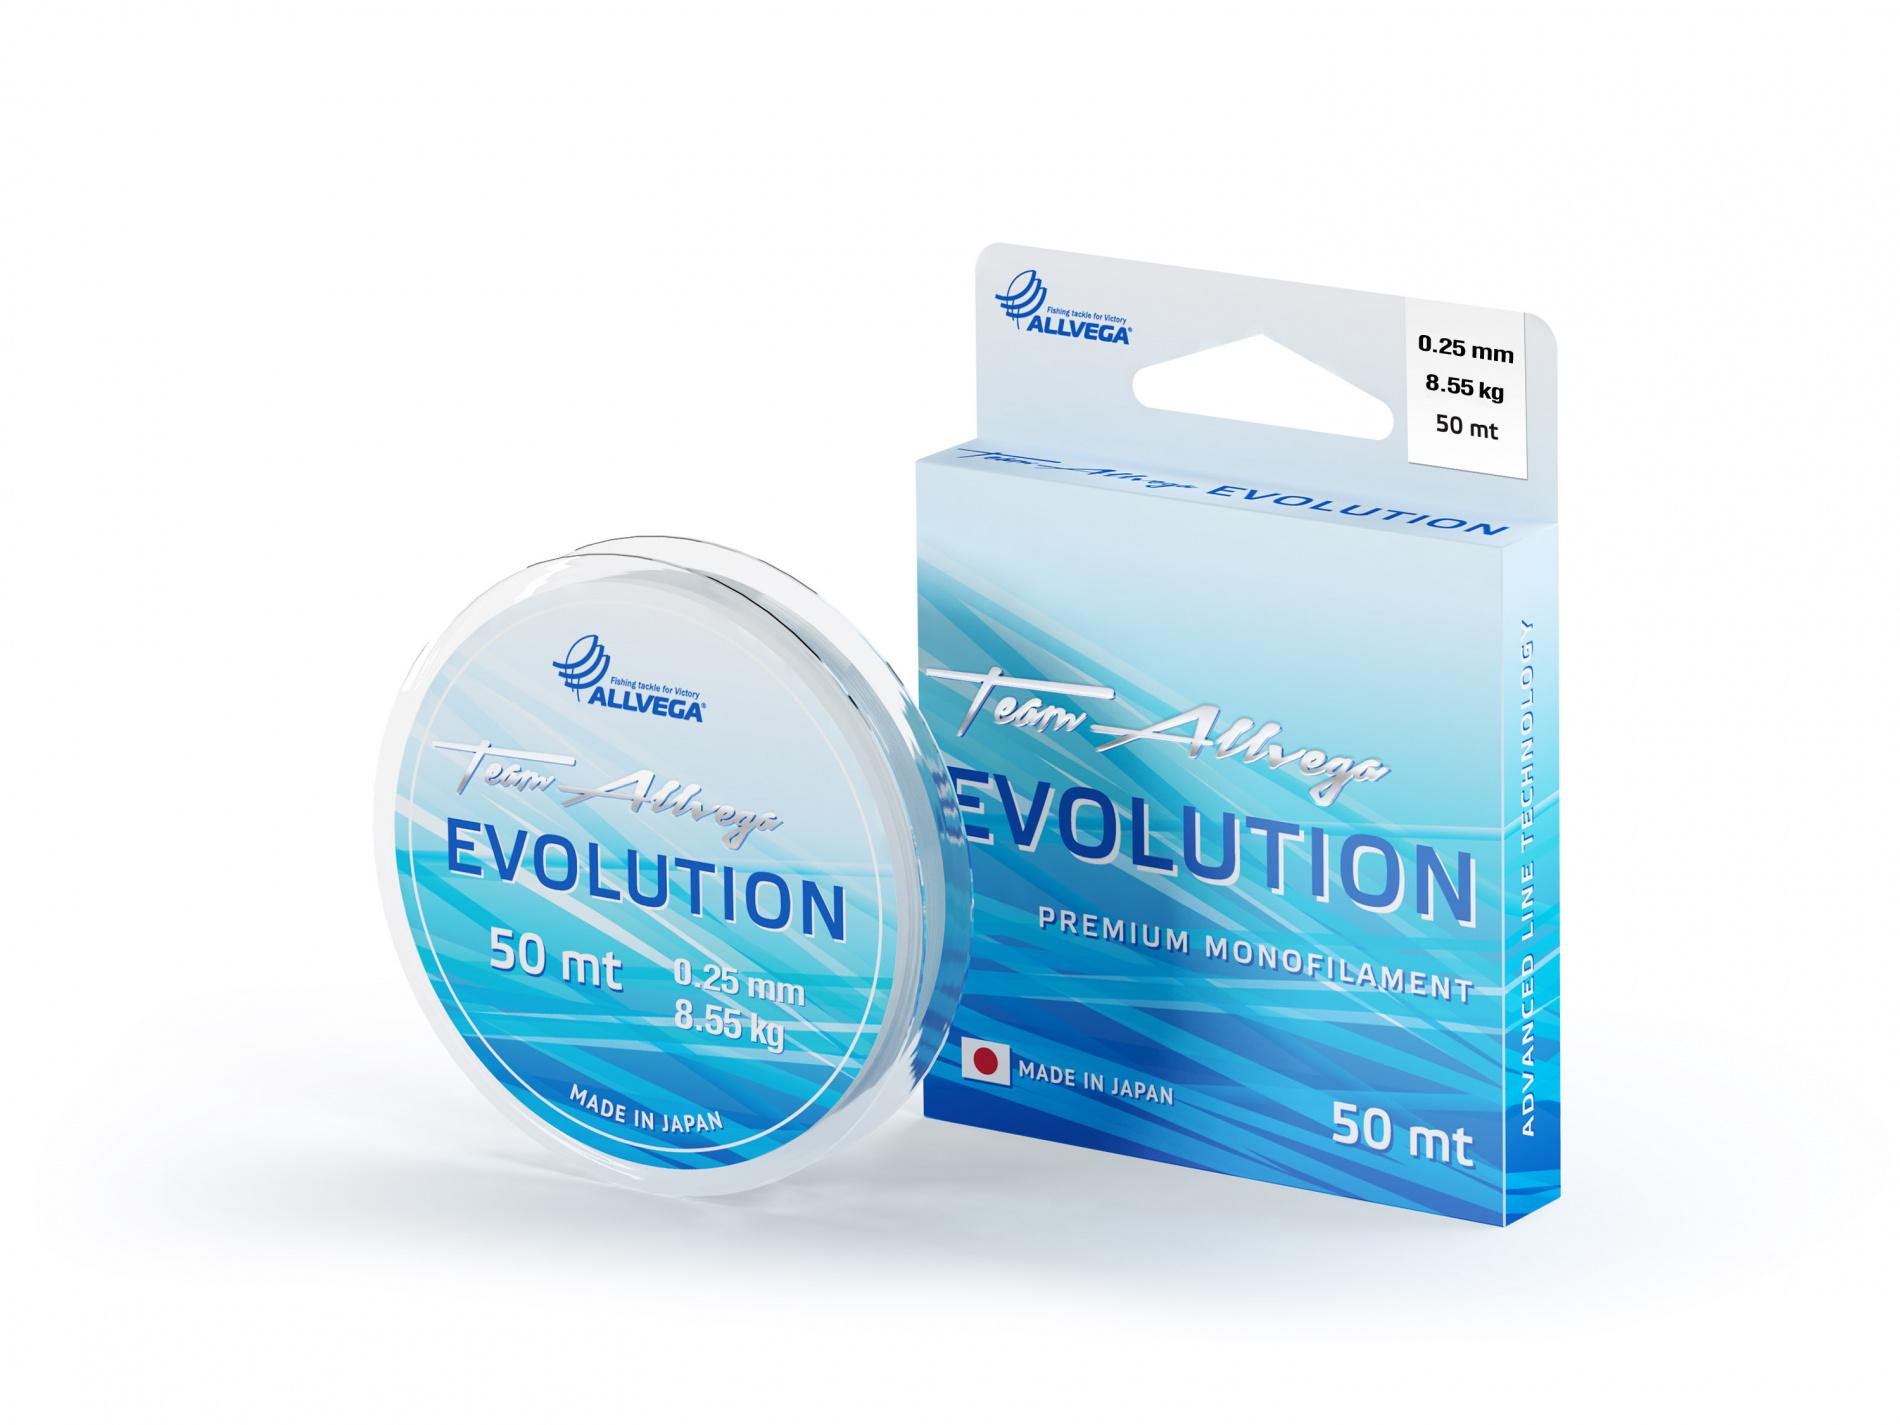 Леска ALLVEGA Evolution 0,25мм (50м) (8,55кг) (прозрачная)Леска монофильная<br>Леска EVOLUTION - это результат интеграции многолетнего <br>опыта европейских рыболовов-спортсменов <br>и современных японских технологий! Важнейшим <br>свойством лески является её однородность <br>и соответствие заявленному диаметру. Если <br>появляется неравномерность в калибровке <br>лески и искажается идеальная окружность <br>в сечении, это ведет к потере однородности <br>лески и ослабляет её. В этом смысле, на сегодняшний <br>день леска EVOLUTION имеет наиболее однородную <br>структуру. Из множества вариантов мы выбираем <br>новейшее и наиболее подходящее сырьё, чтобы <br>добиться исключительных характеристик <br>лески, выдержать оптимальный баланс между <br>прочностью и растяжимостью, и создать идеальный <br>продукт для любых условий ловли. Цвет прозрачный. <br>Сделана, размотана и упакована в Японии.<br><br>Сезон: лето